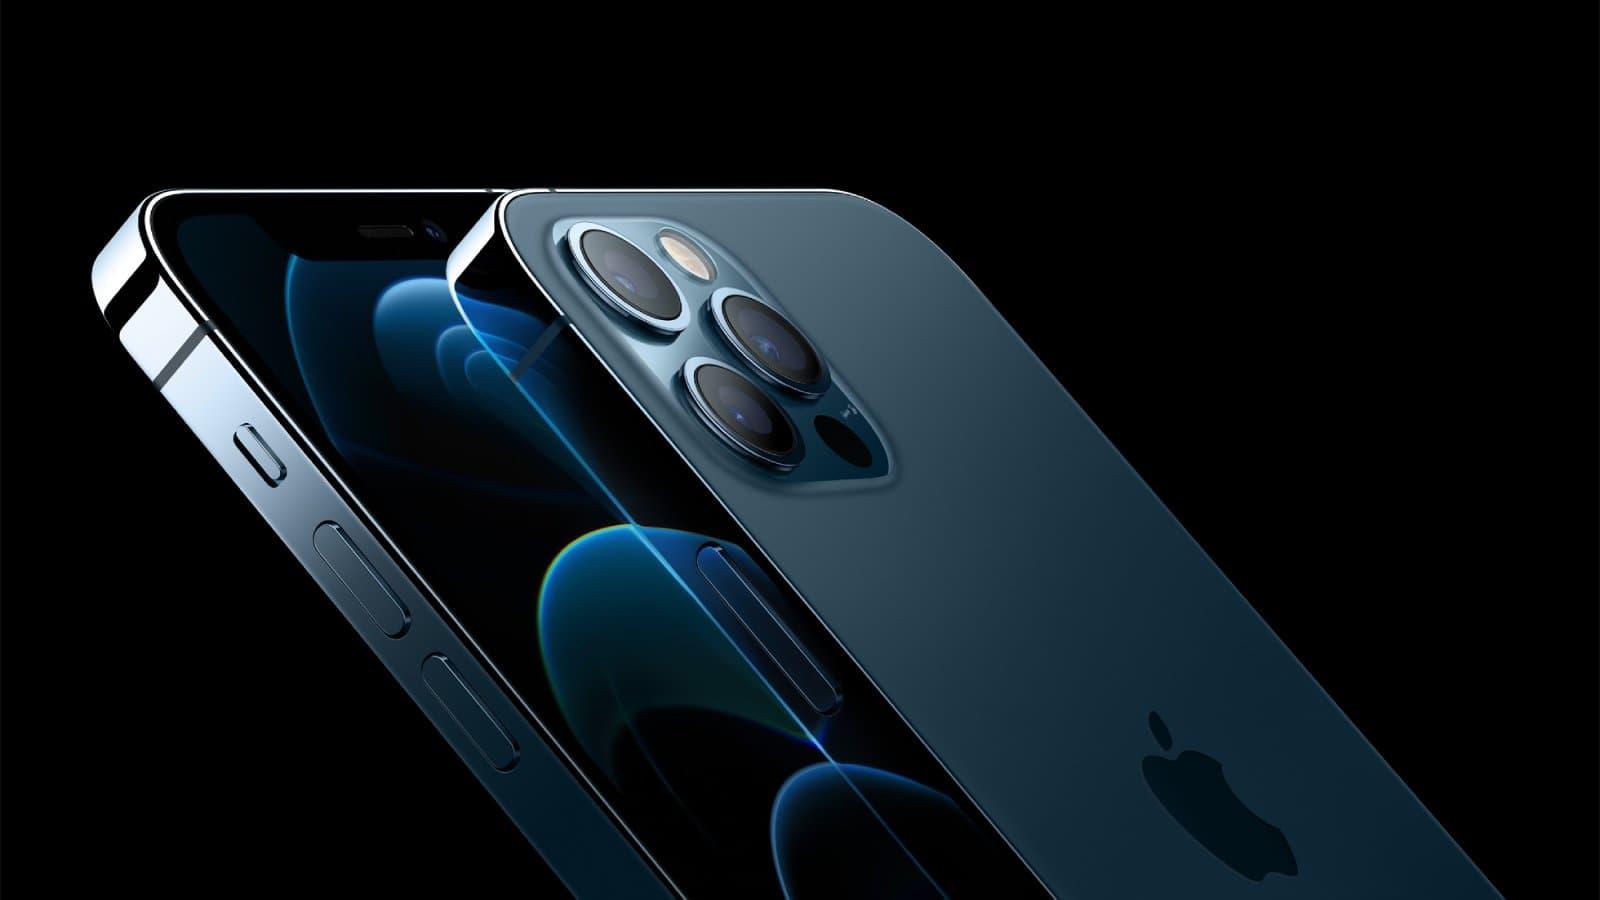 L'iPhone Pro Max est à découvrir chez SFR